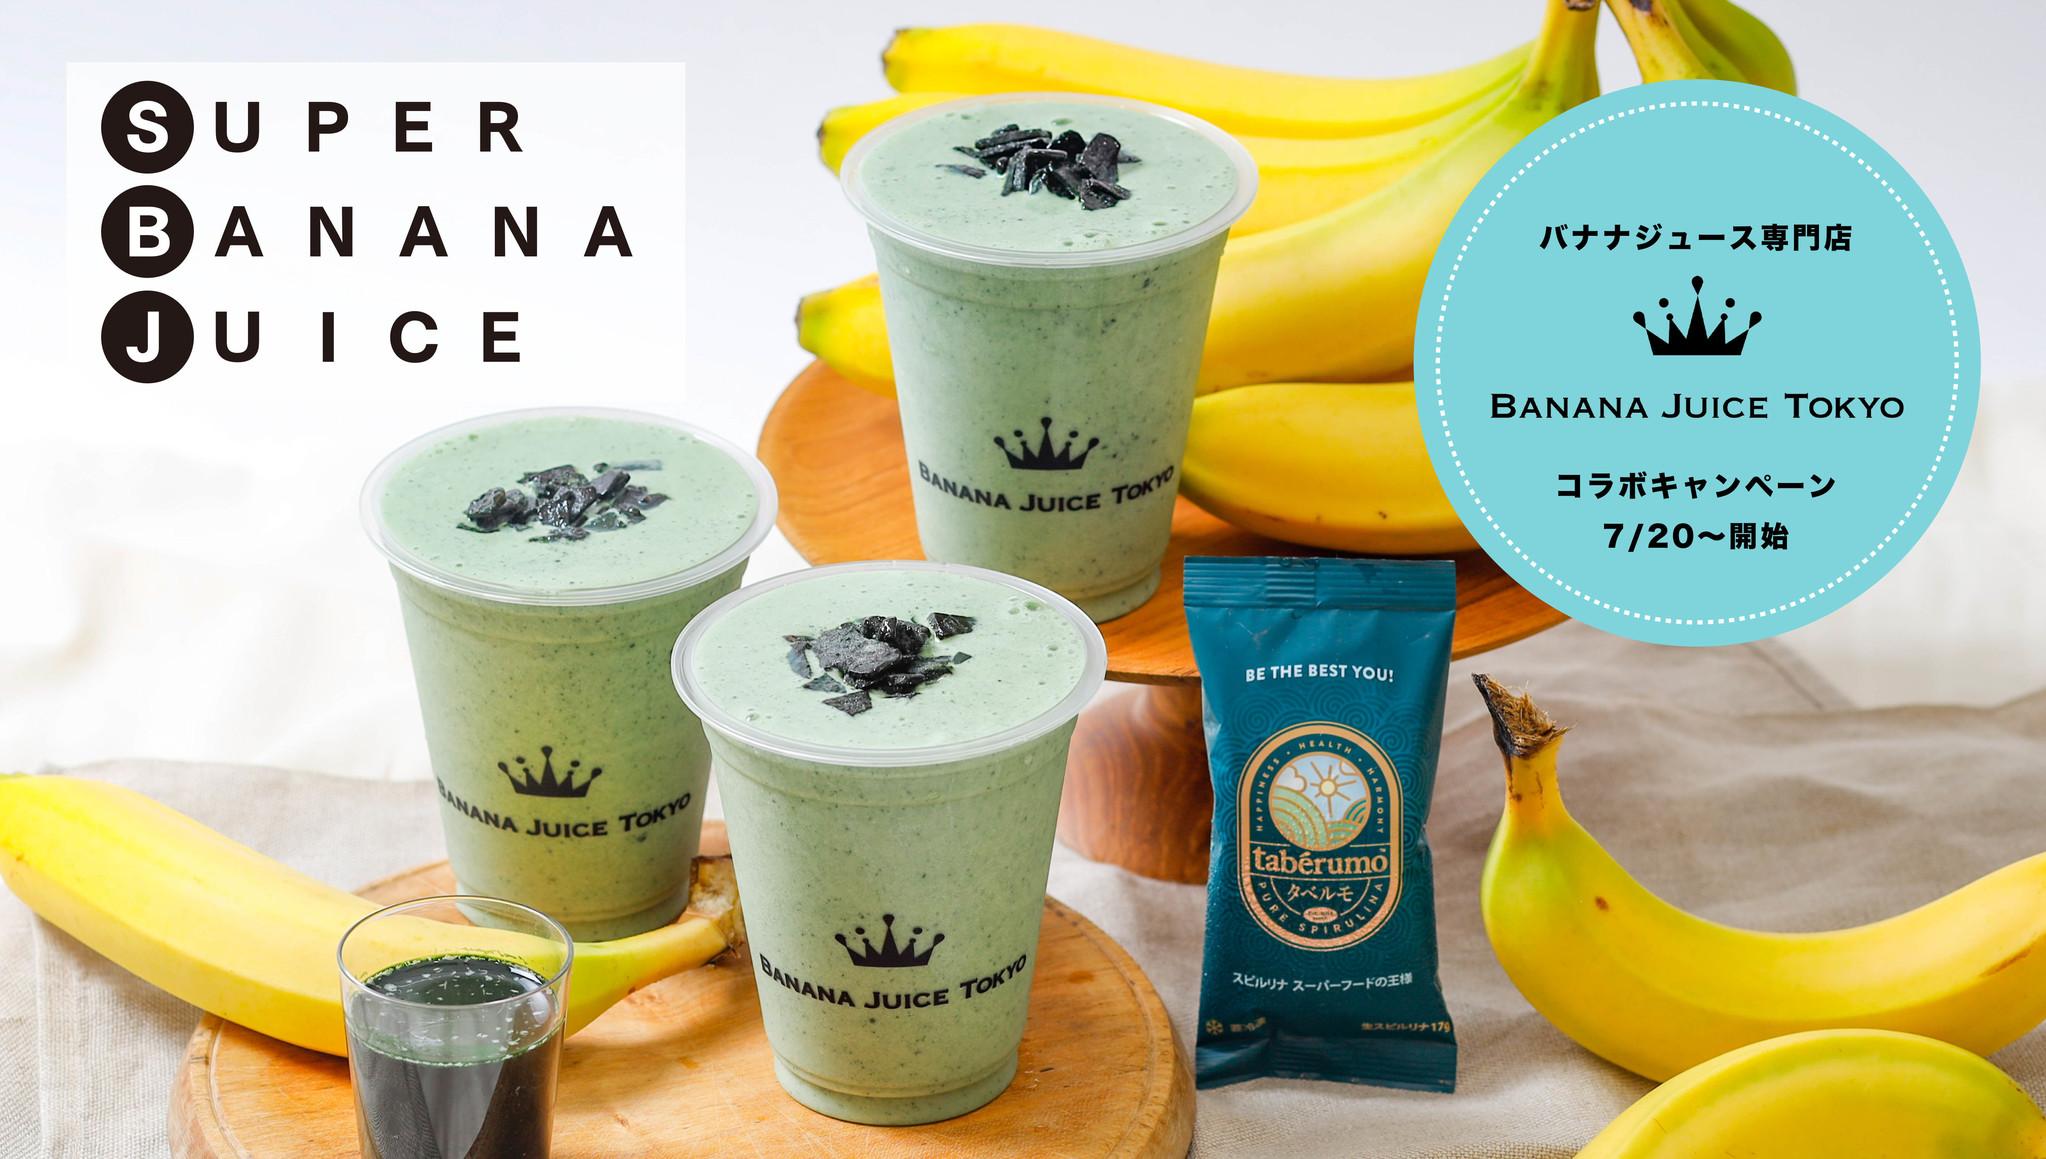 レシピ バナナ ジュース 【検索第1位】バナナジュースの人気レシピ 15選 クックパッドの殿堂入りの作り方は?